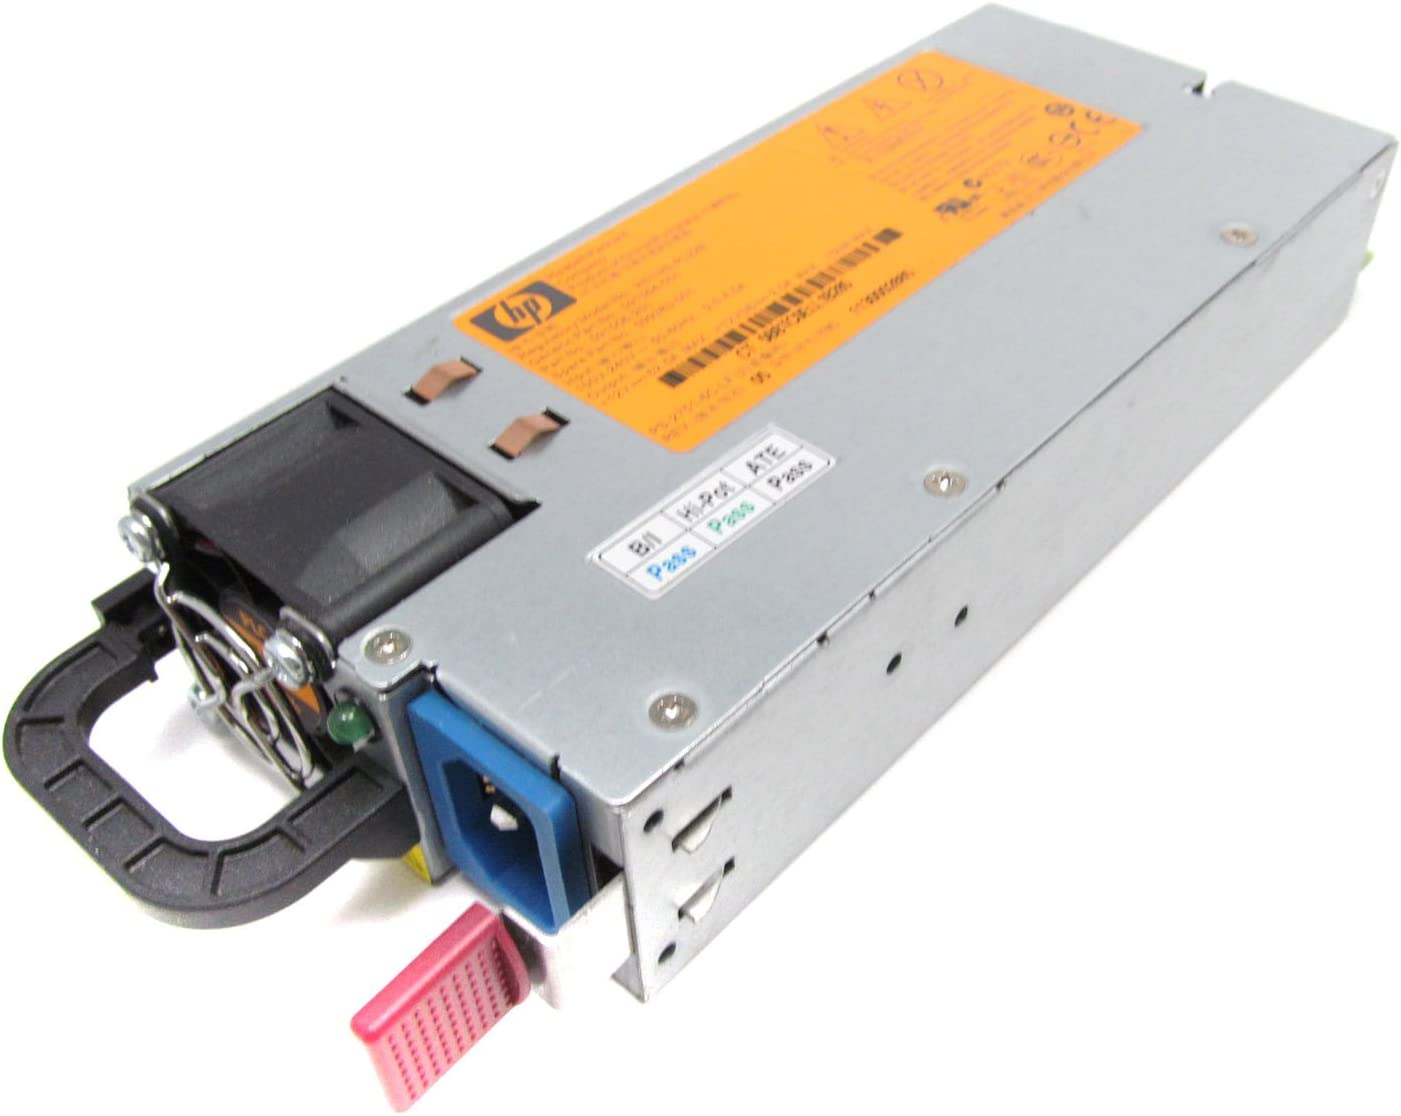 HP 599383-001 AC power supply 750W hot-plug 1U form factor